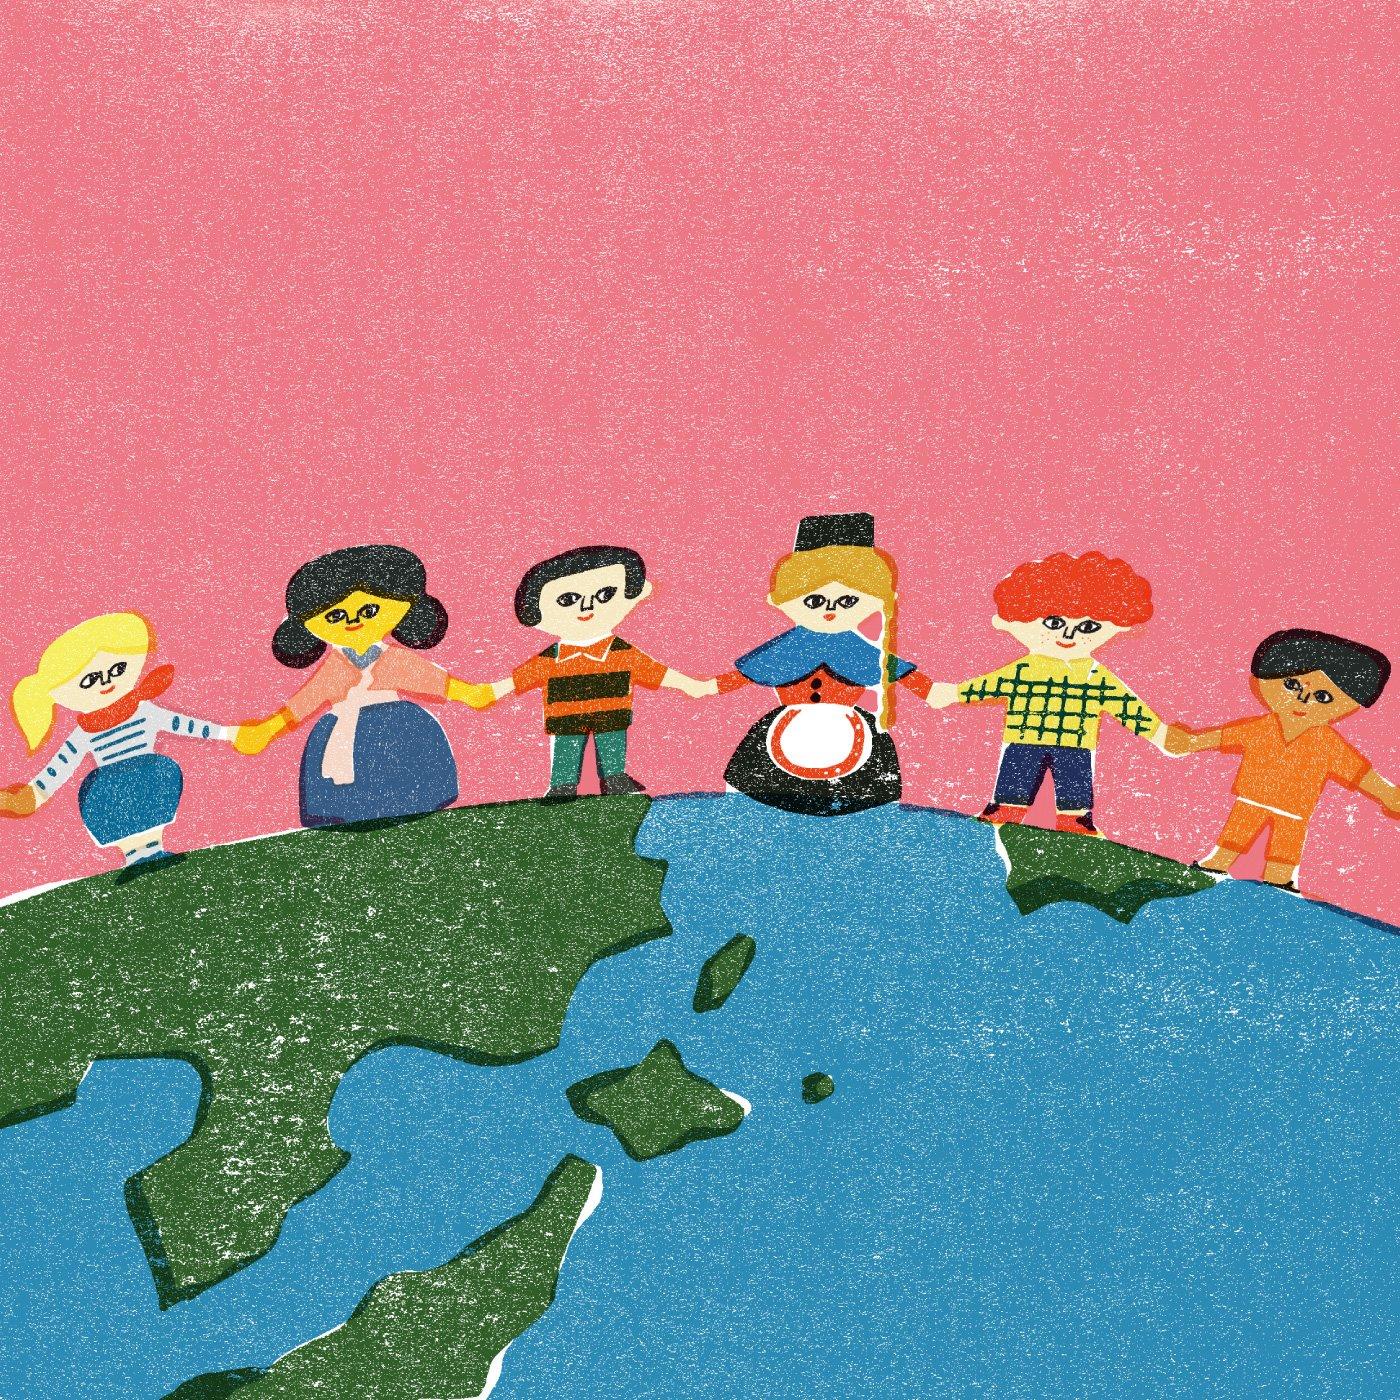 あいさつだけはマルチリンガル!? 世界とお友だちになろう 12ヵ国語のあいさつ会話プログラム